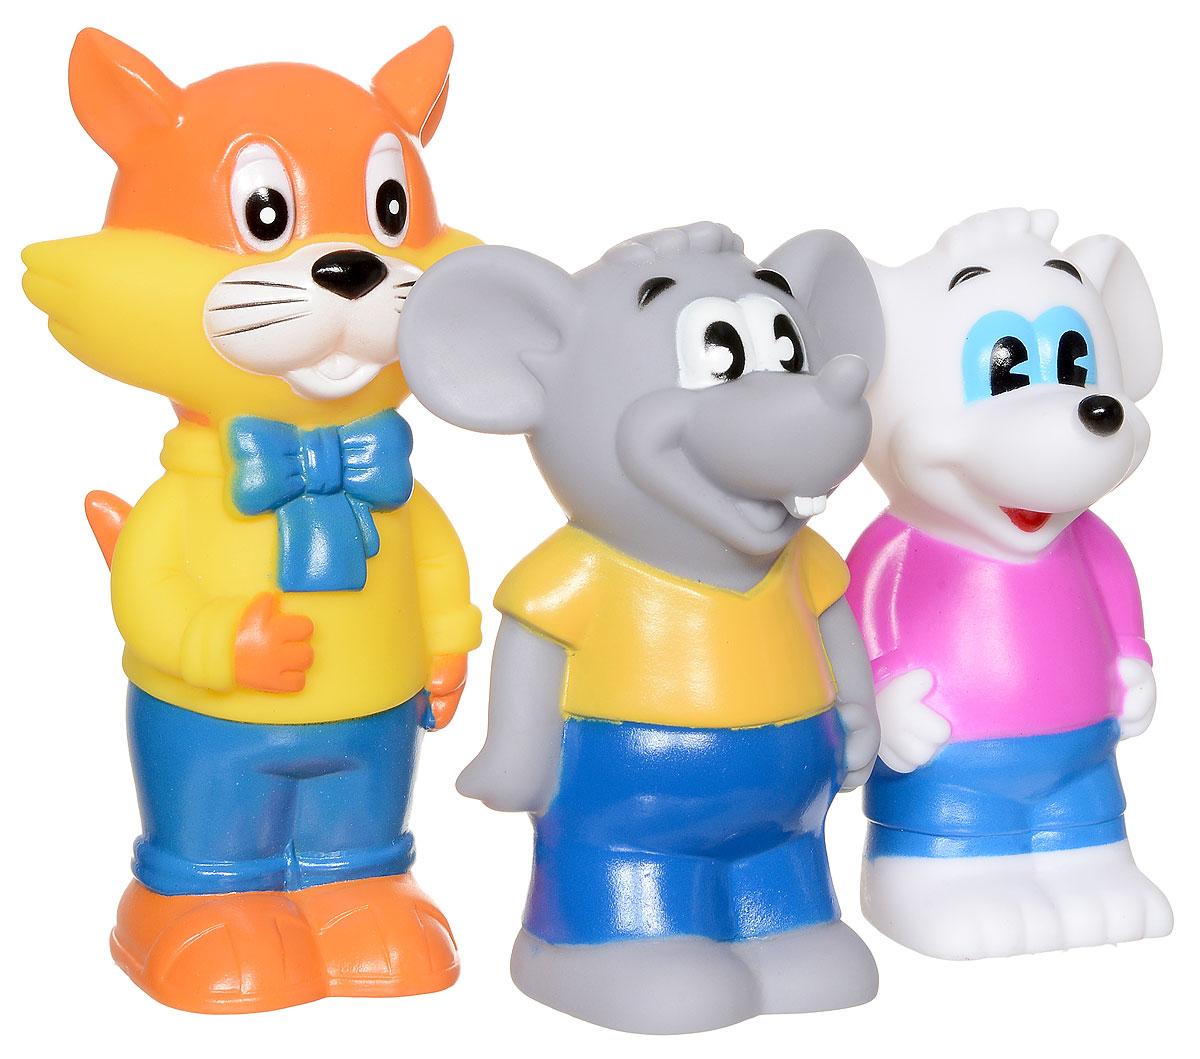 Играем вместе Набор игрушек для ванной Кот Леопольд и мыши 3 шт102R-PVCС набором игрушек для ванной Играем вместе Кот Леопольд и мыши принимать водные процедуры станет еще веселее и приятнее. В набор входят 3 игрушки в виде кота Леопольда и двух мышат. При сжатии игрушки издают забавный писк. Набор доставит ребенку большое удовольствие и поможет преодолеть страх перед купанием. Игрушки для ванной способствуют развитию воображения, цветового восприятия, тактильных ощущений и мелкой моторики рук.